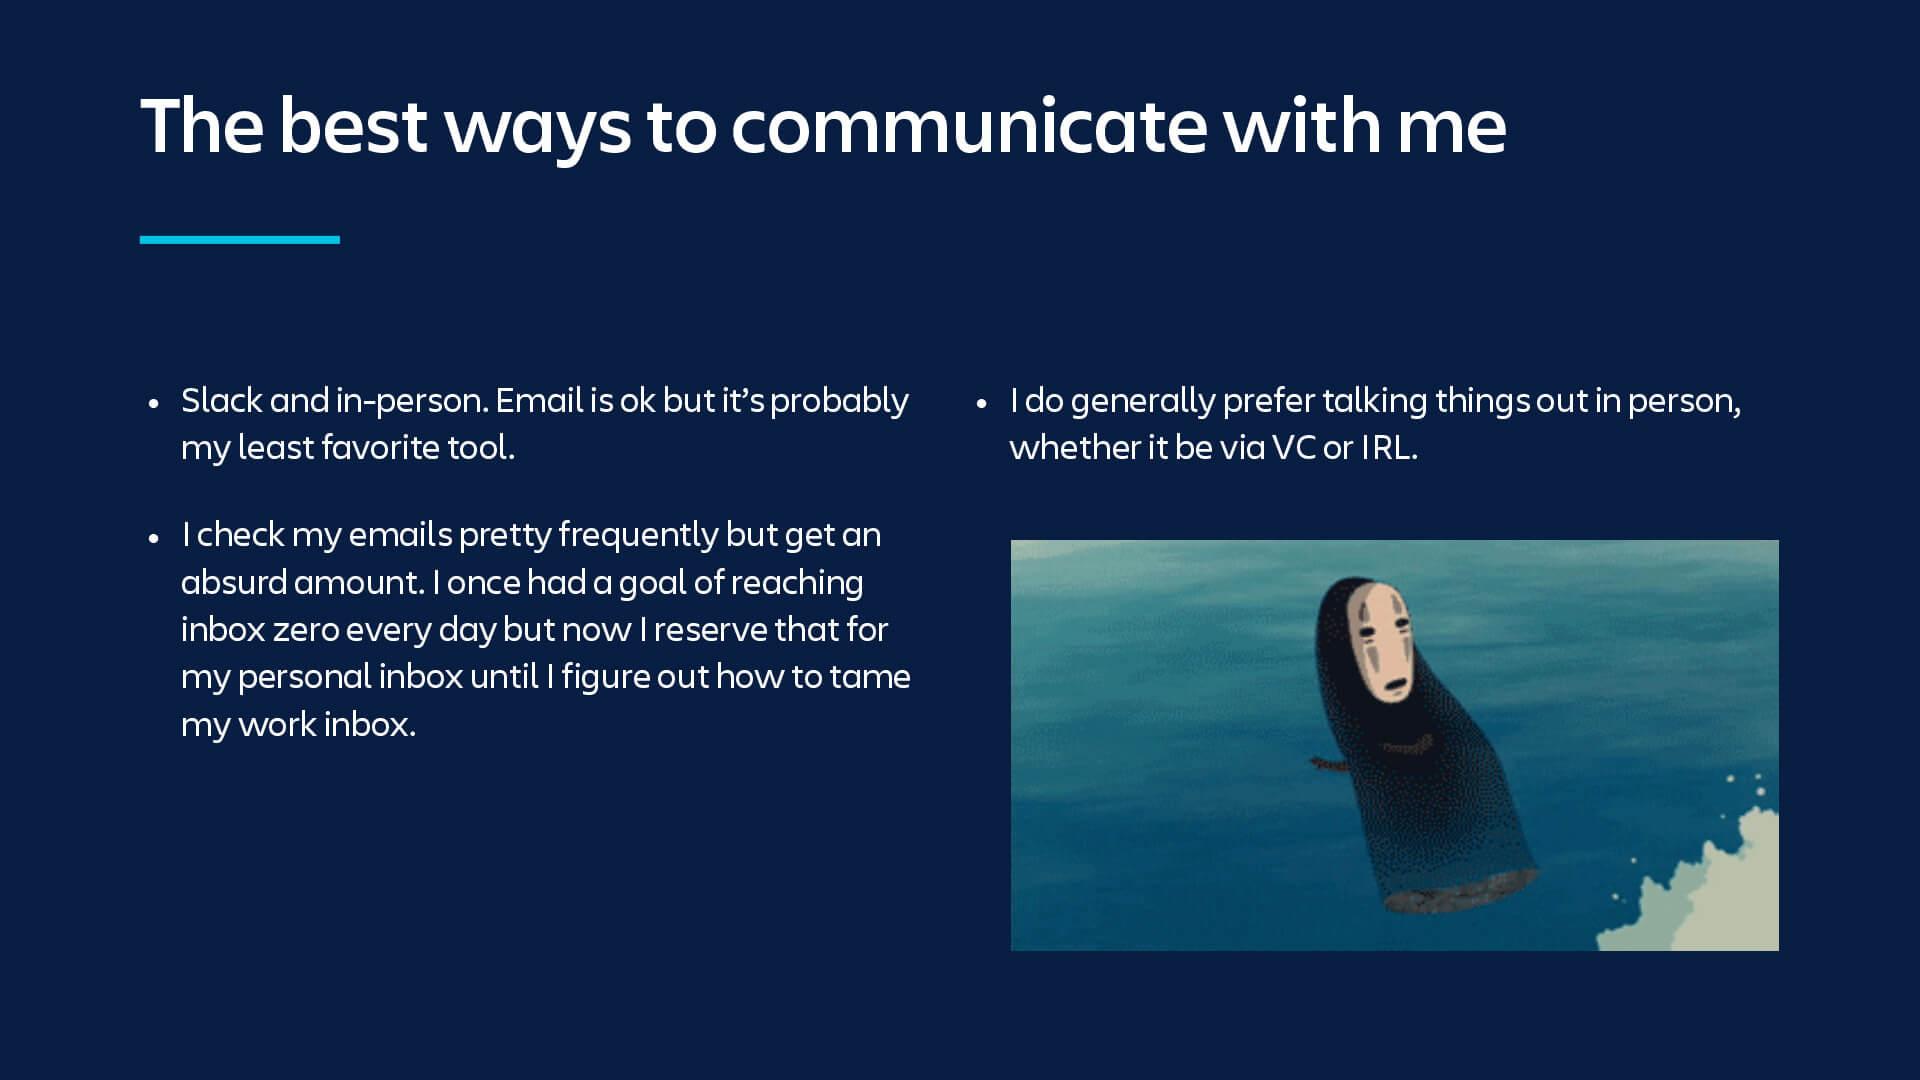 Explicación sobre la mejor forma de comunicarse